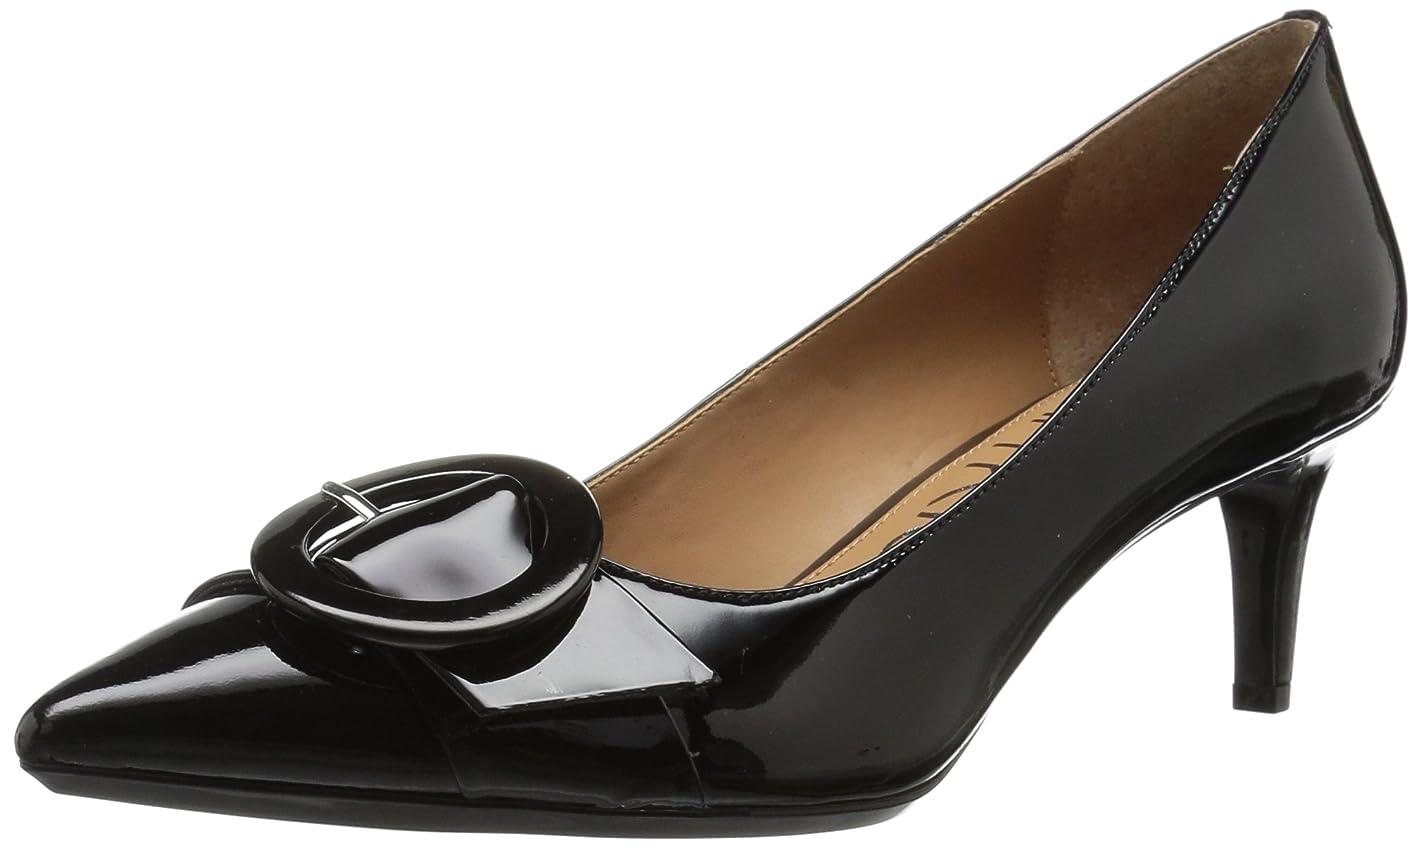 名義で博覧会徒歩で[Calvin Klein] レディース PAVIE カラー: ブラック